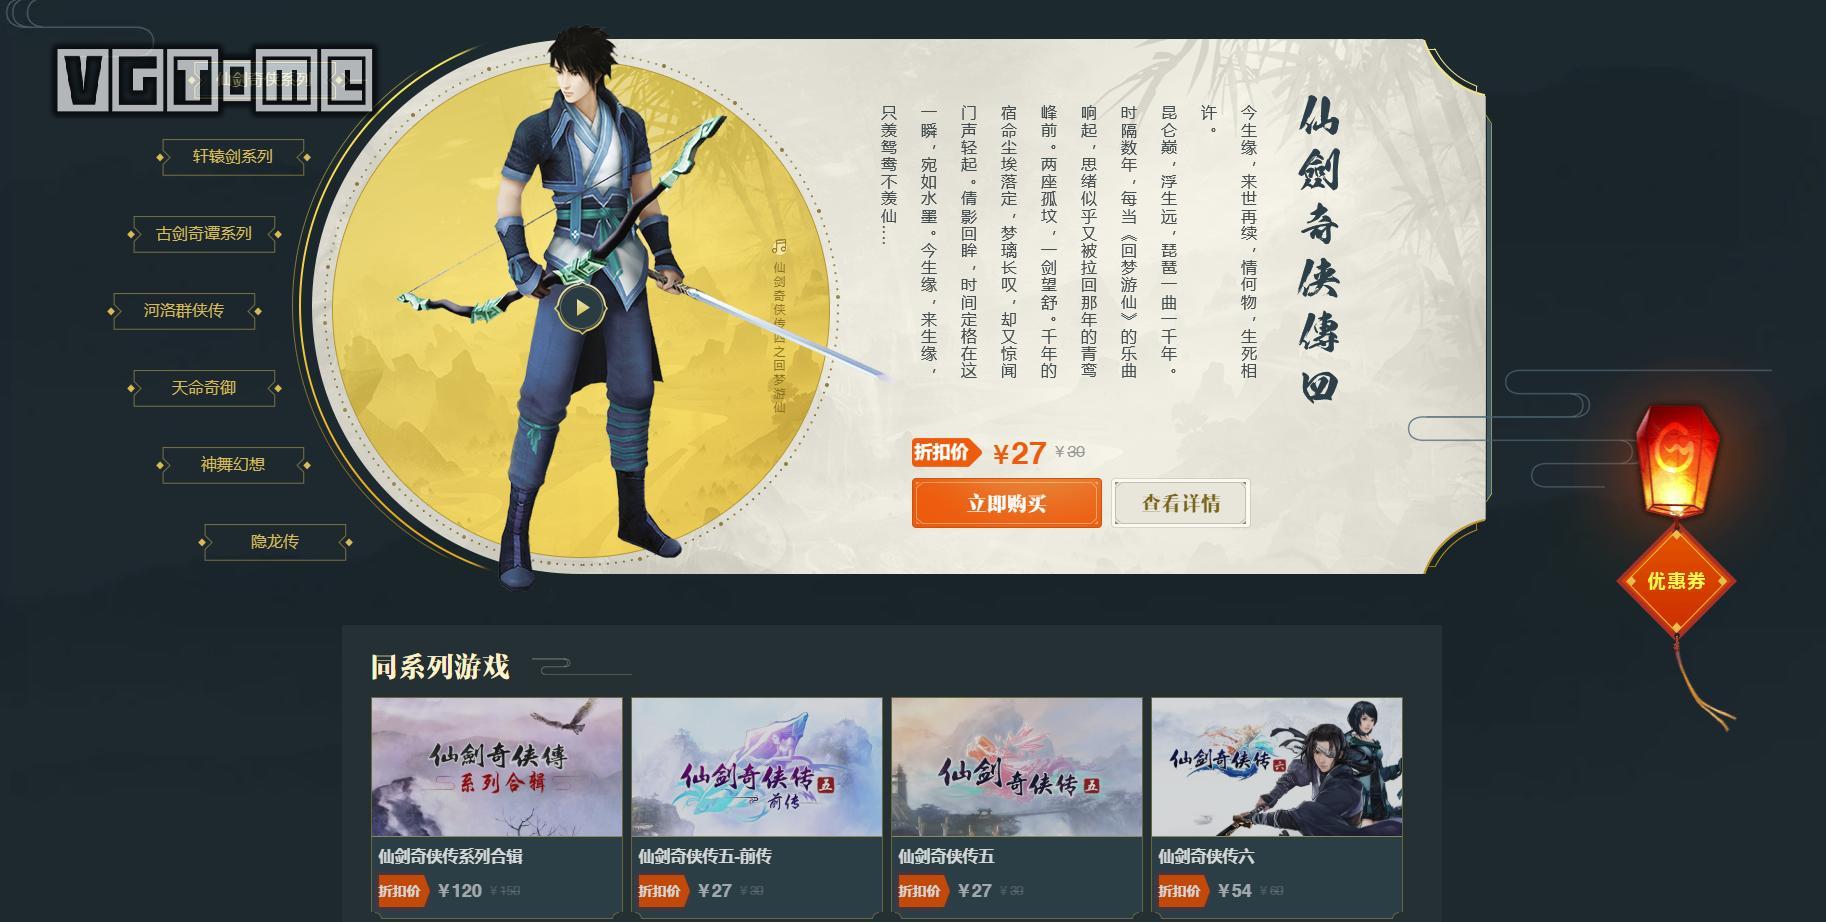 WeGame开启中秋促销,国风游戏低至12元-国风轮胎